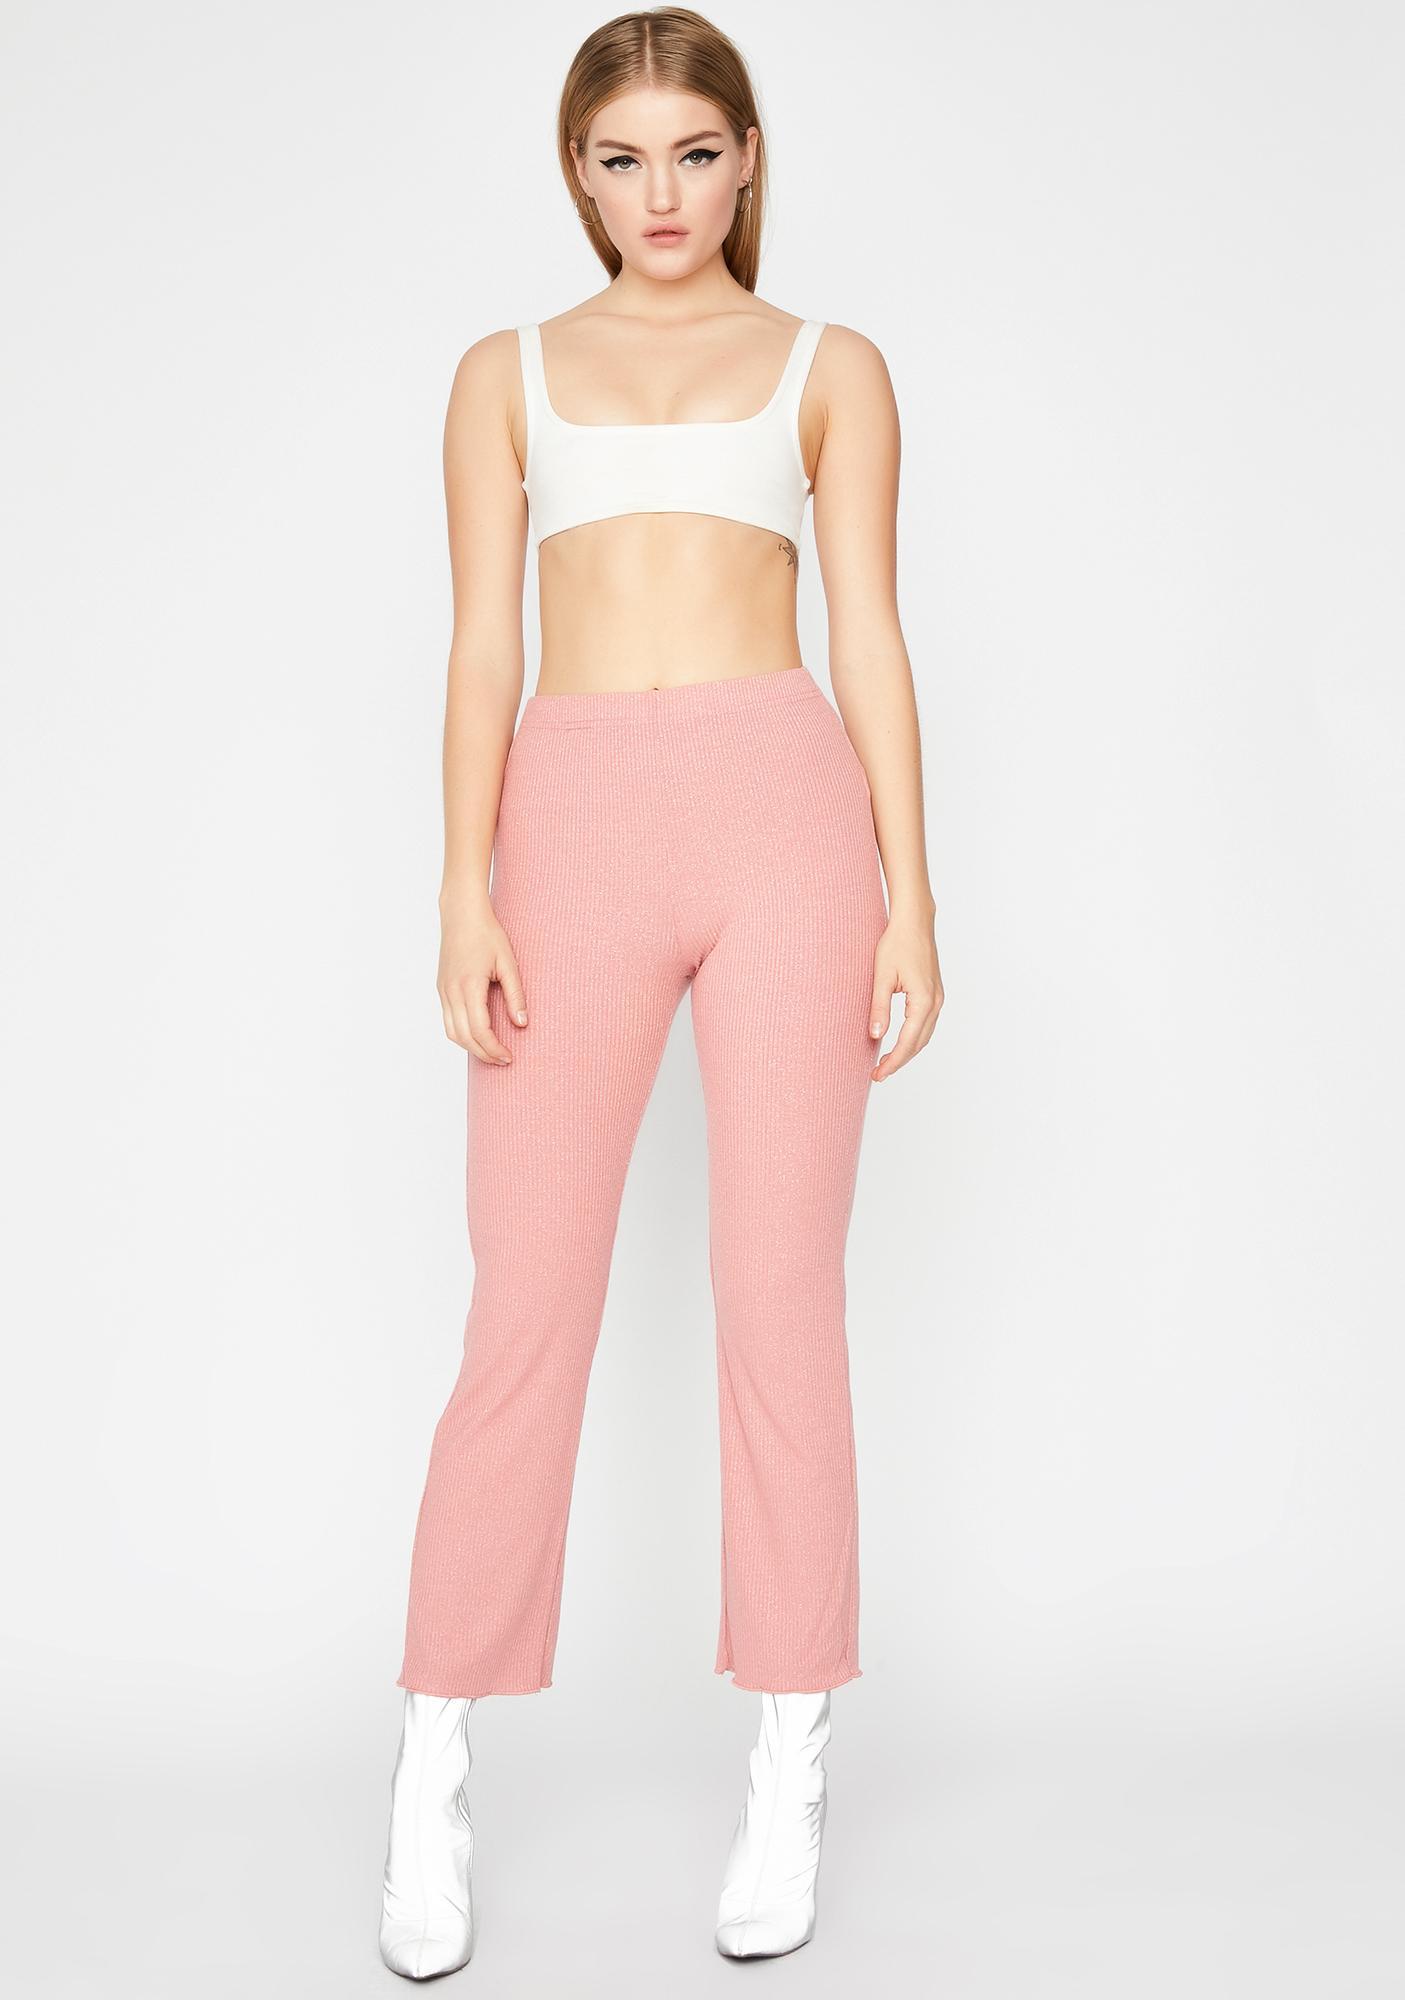 Baddie Glam Sparkle Pants